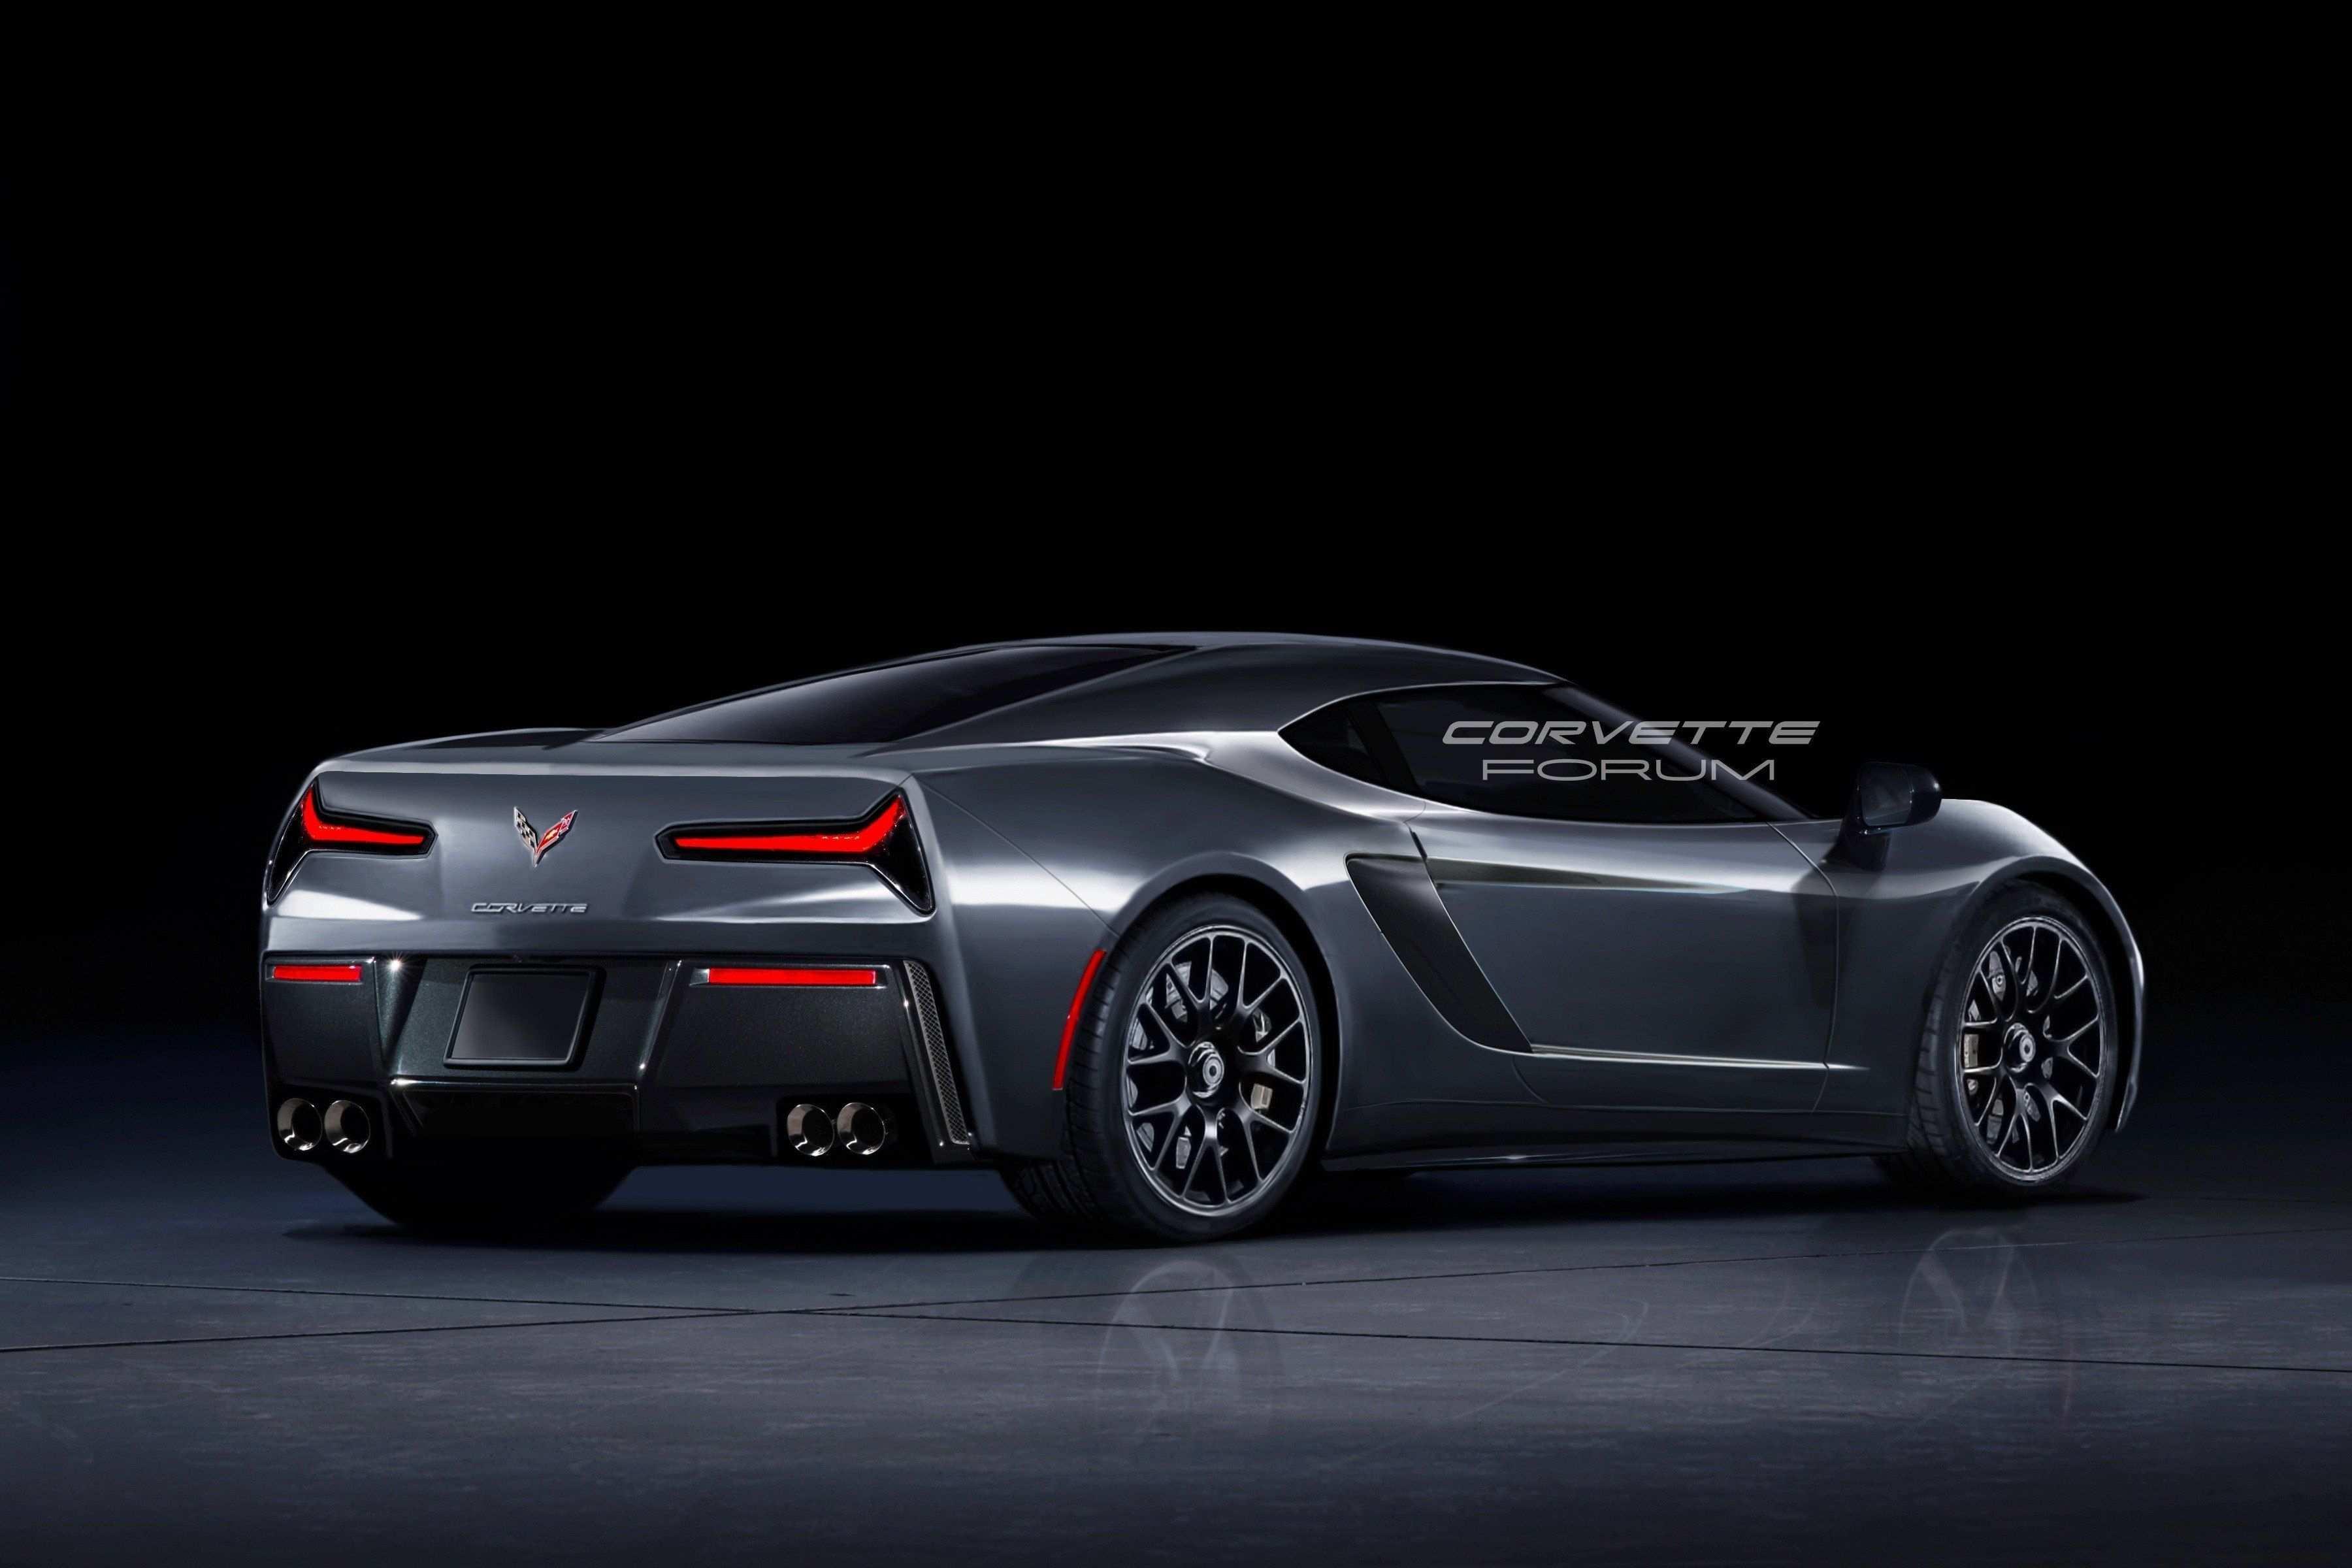 39 Concept of 2020 Corvette Z07 Specs for 2020 Corvette Z07